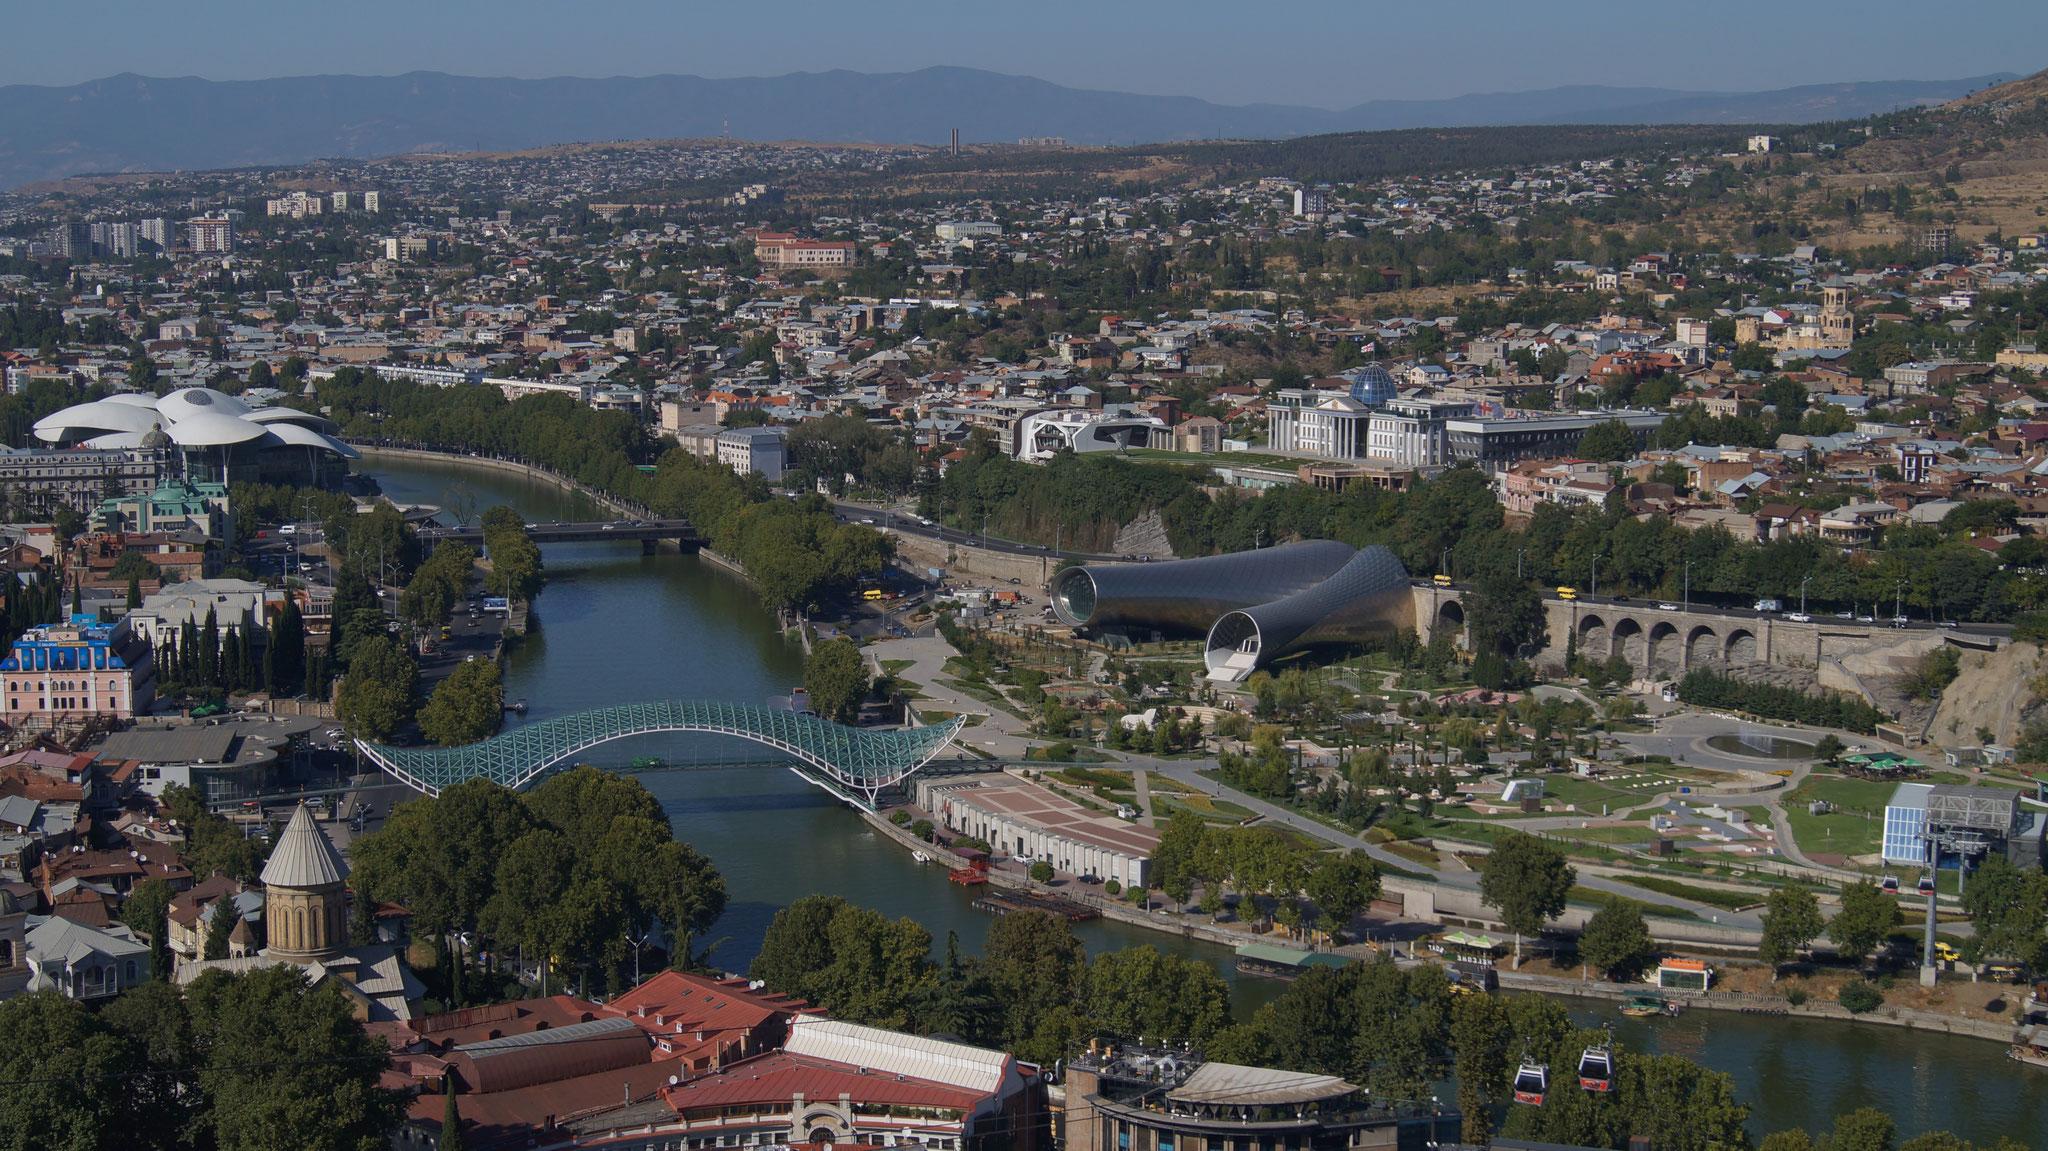 Die eindrucksvolle Aussicht über Tbilisi von der Festung Narikala